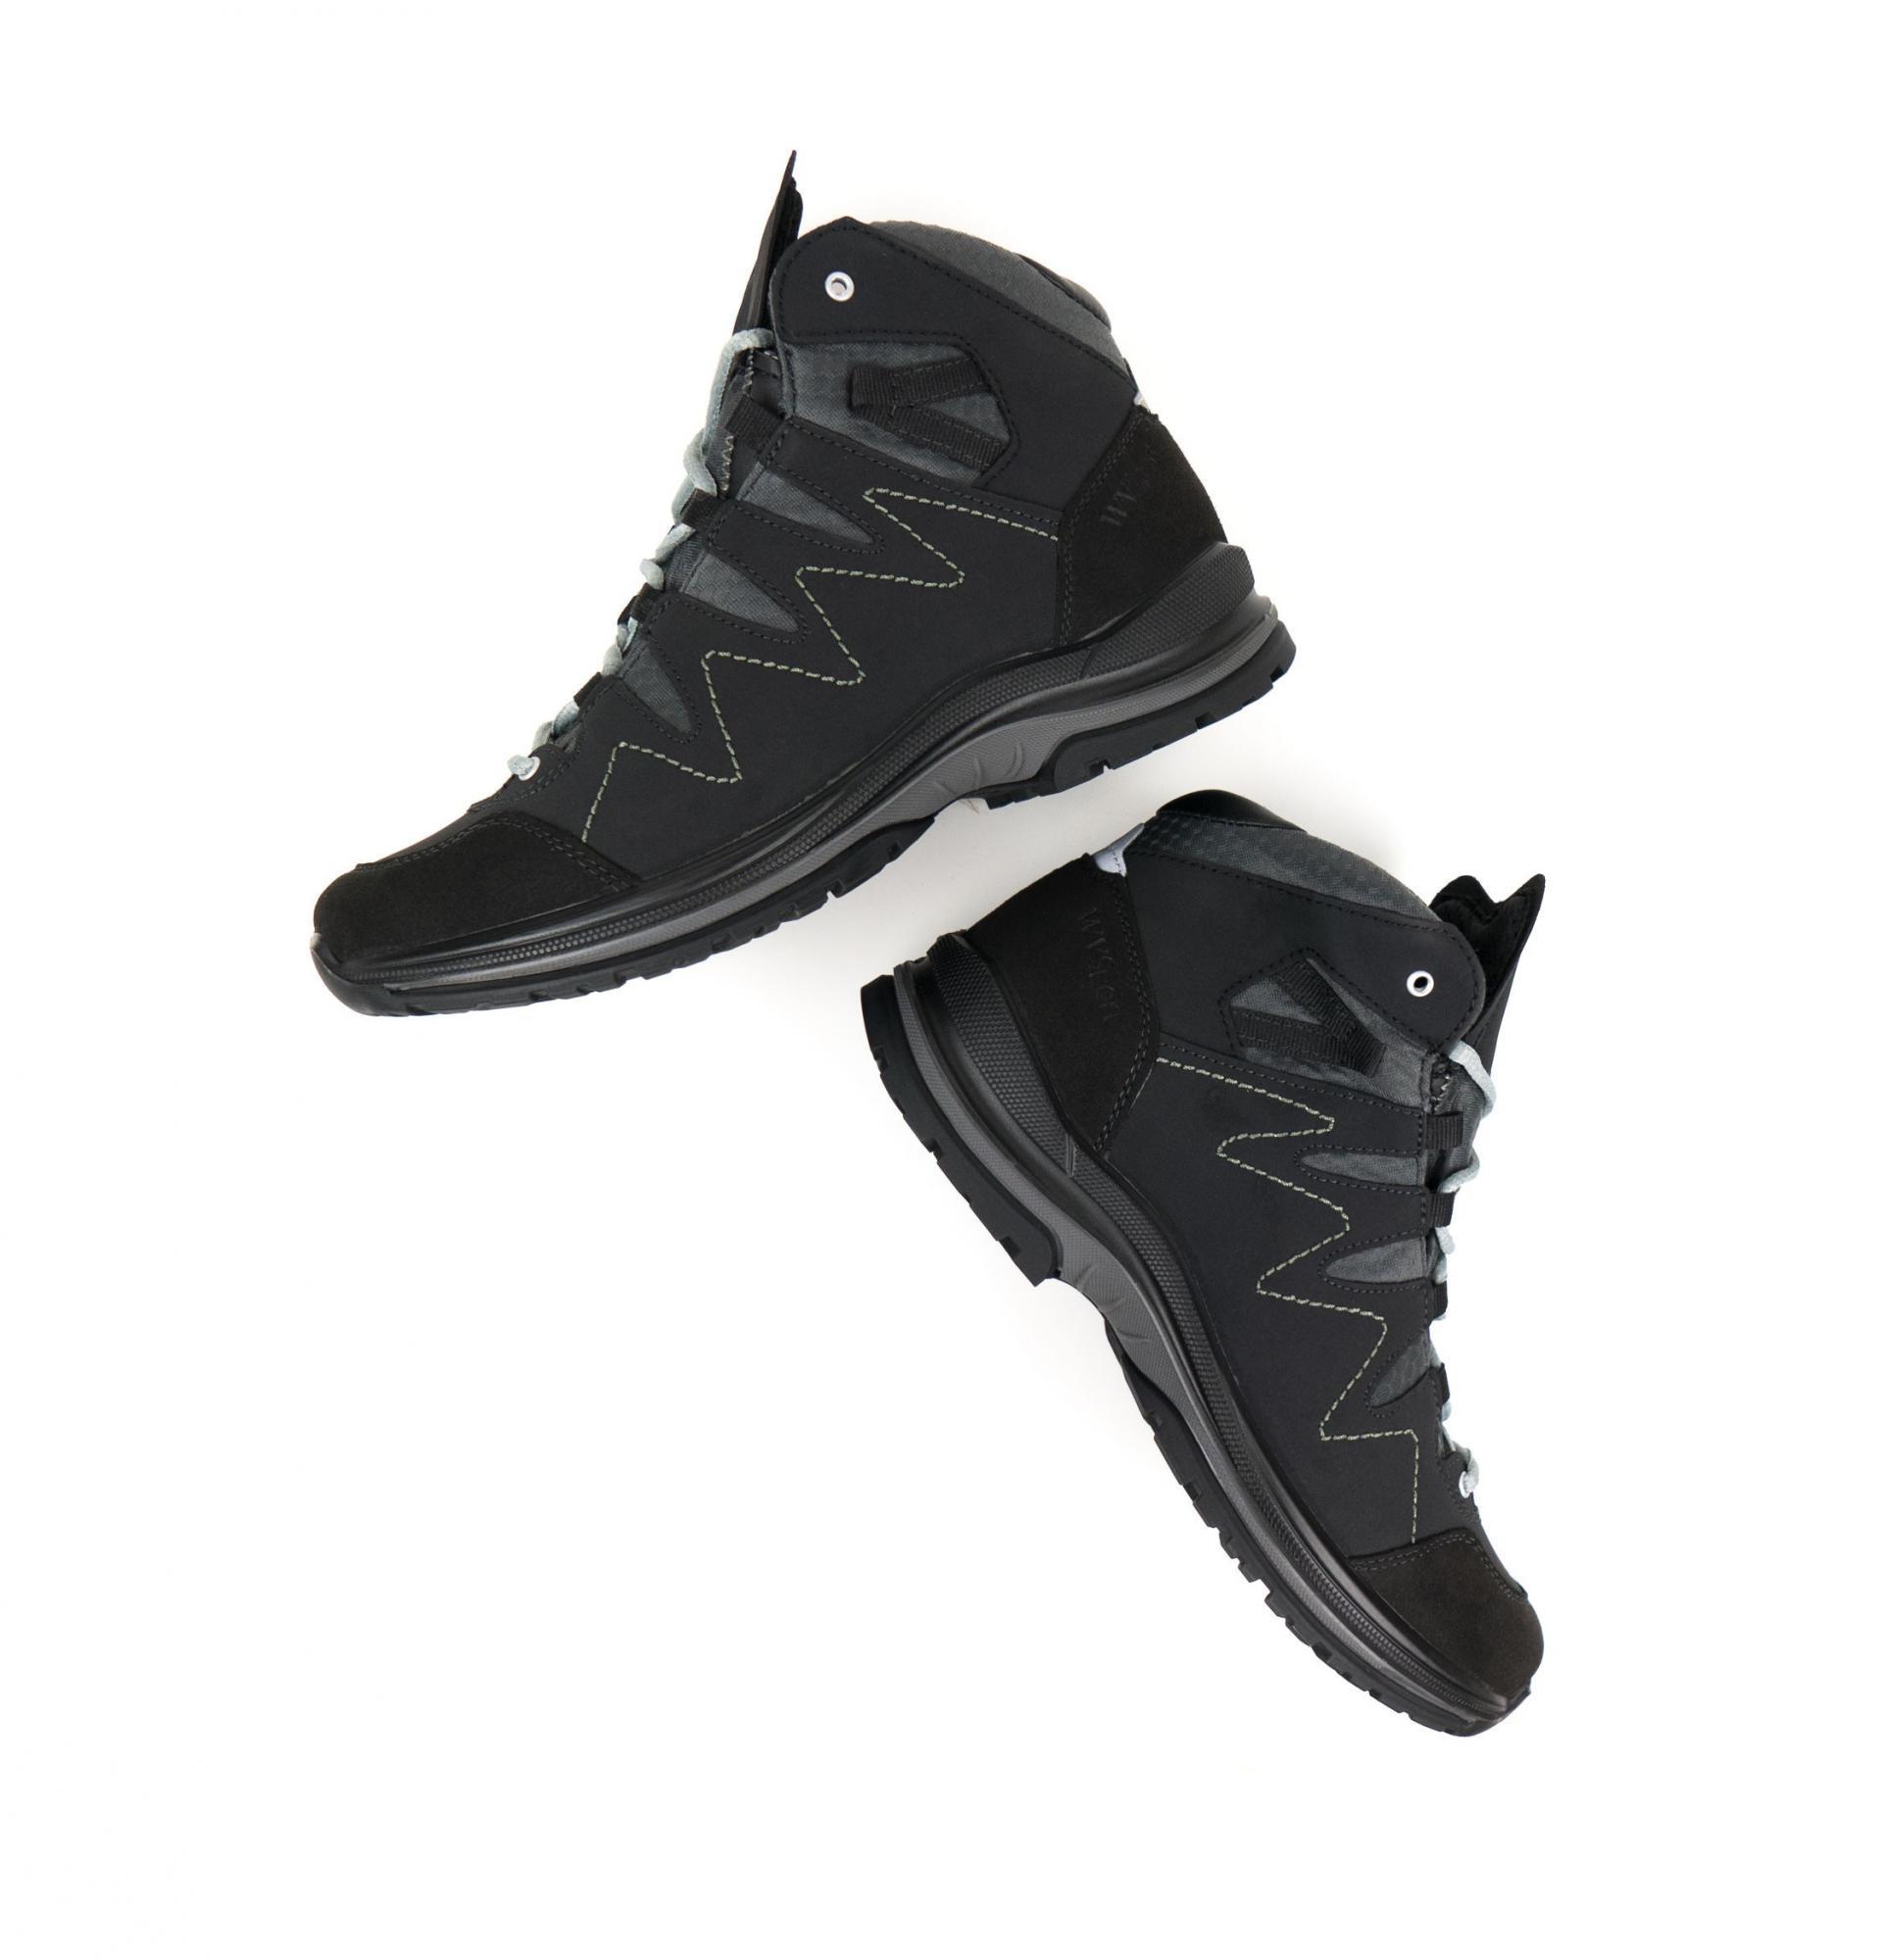 2c361bdb zapatos-impermeables-para-caminar-will-s-zapatillas-deportivas-de-mujer- cordones-impermeables-zapatos-veganos.jpg